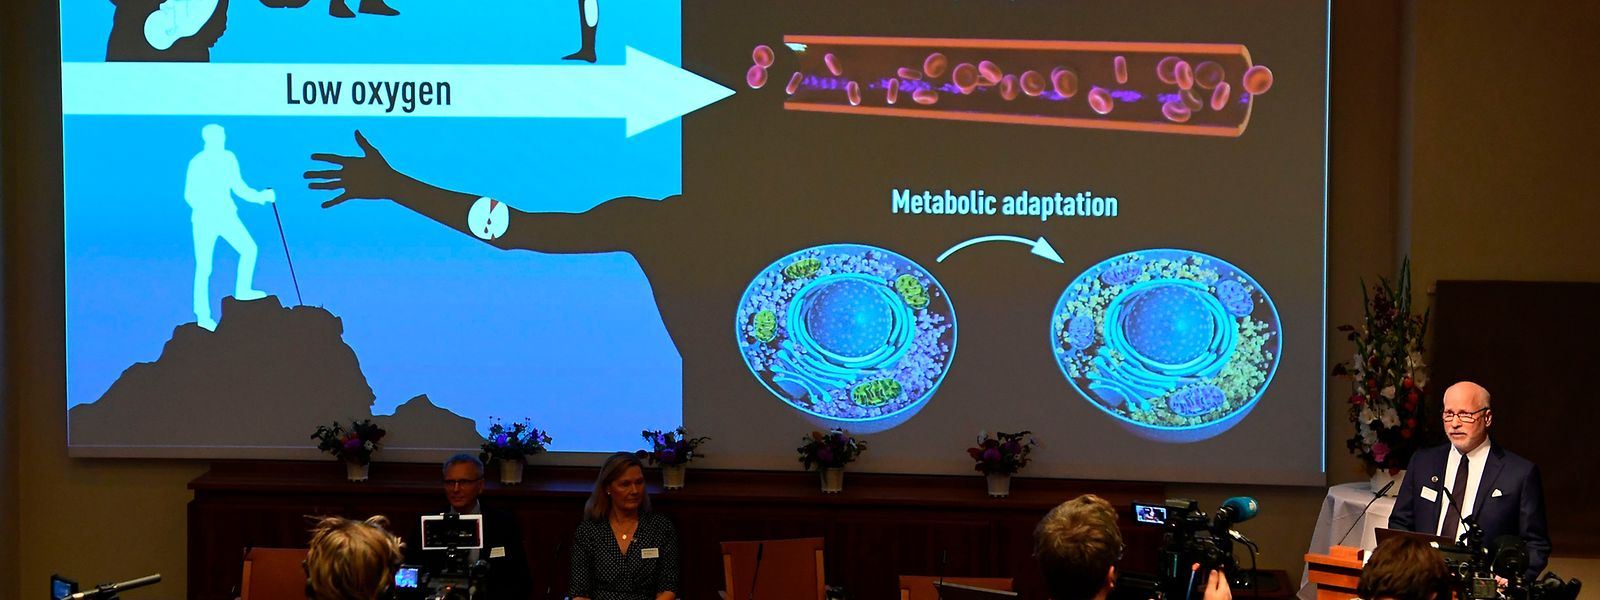 Le prix Nobel de cette année récompense des travaux ayant révélé les mécanismes moléculaires à l'œuvre  dans l'adaptation des cellules à l'apport variable d'oxygène.